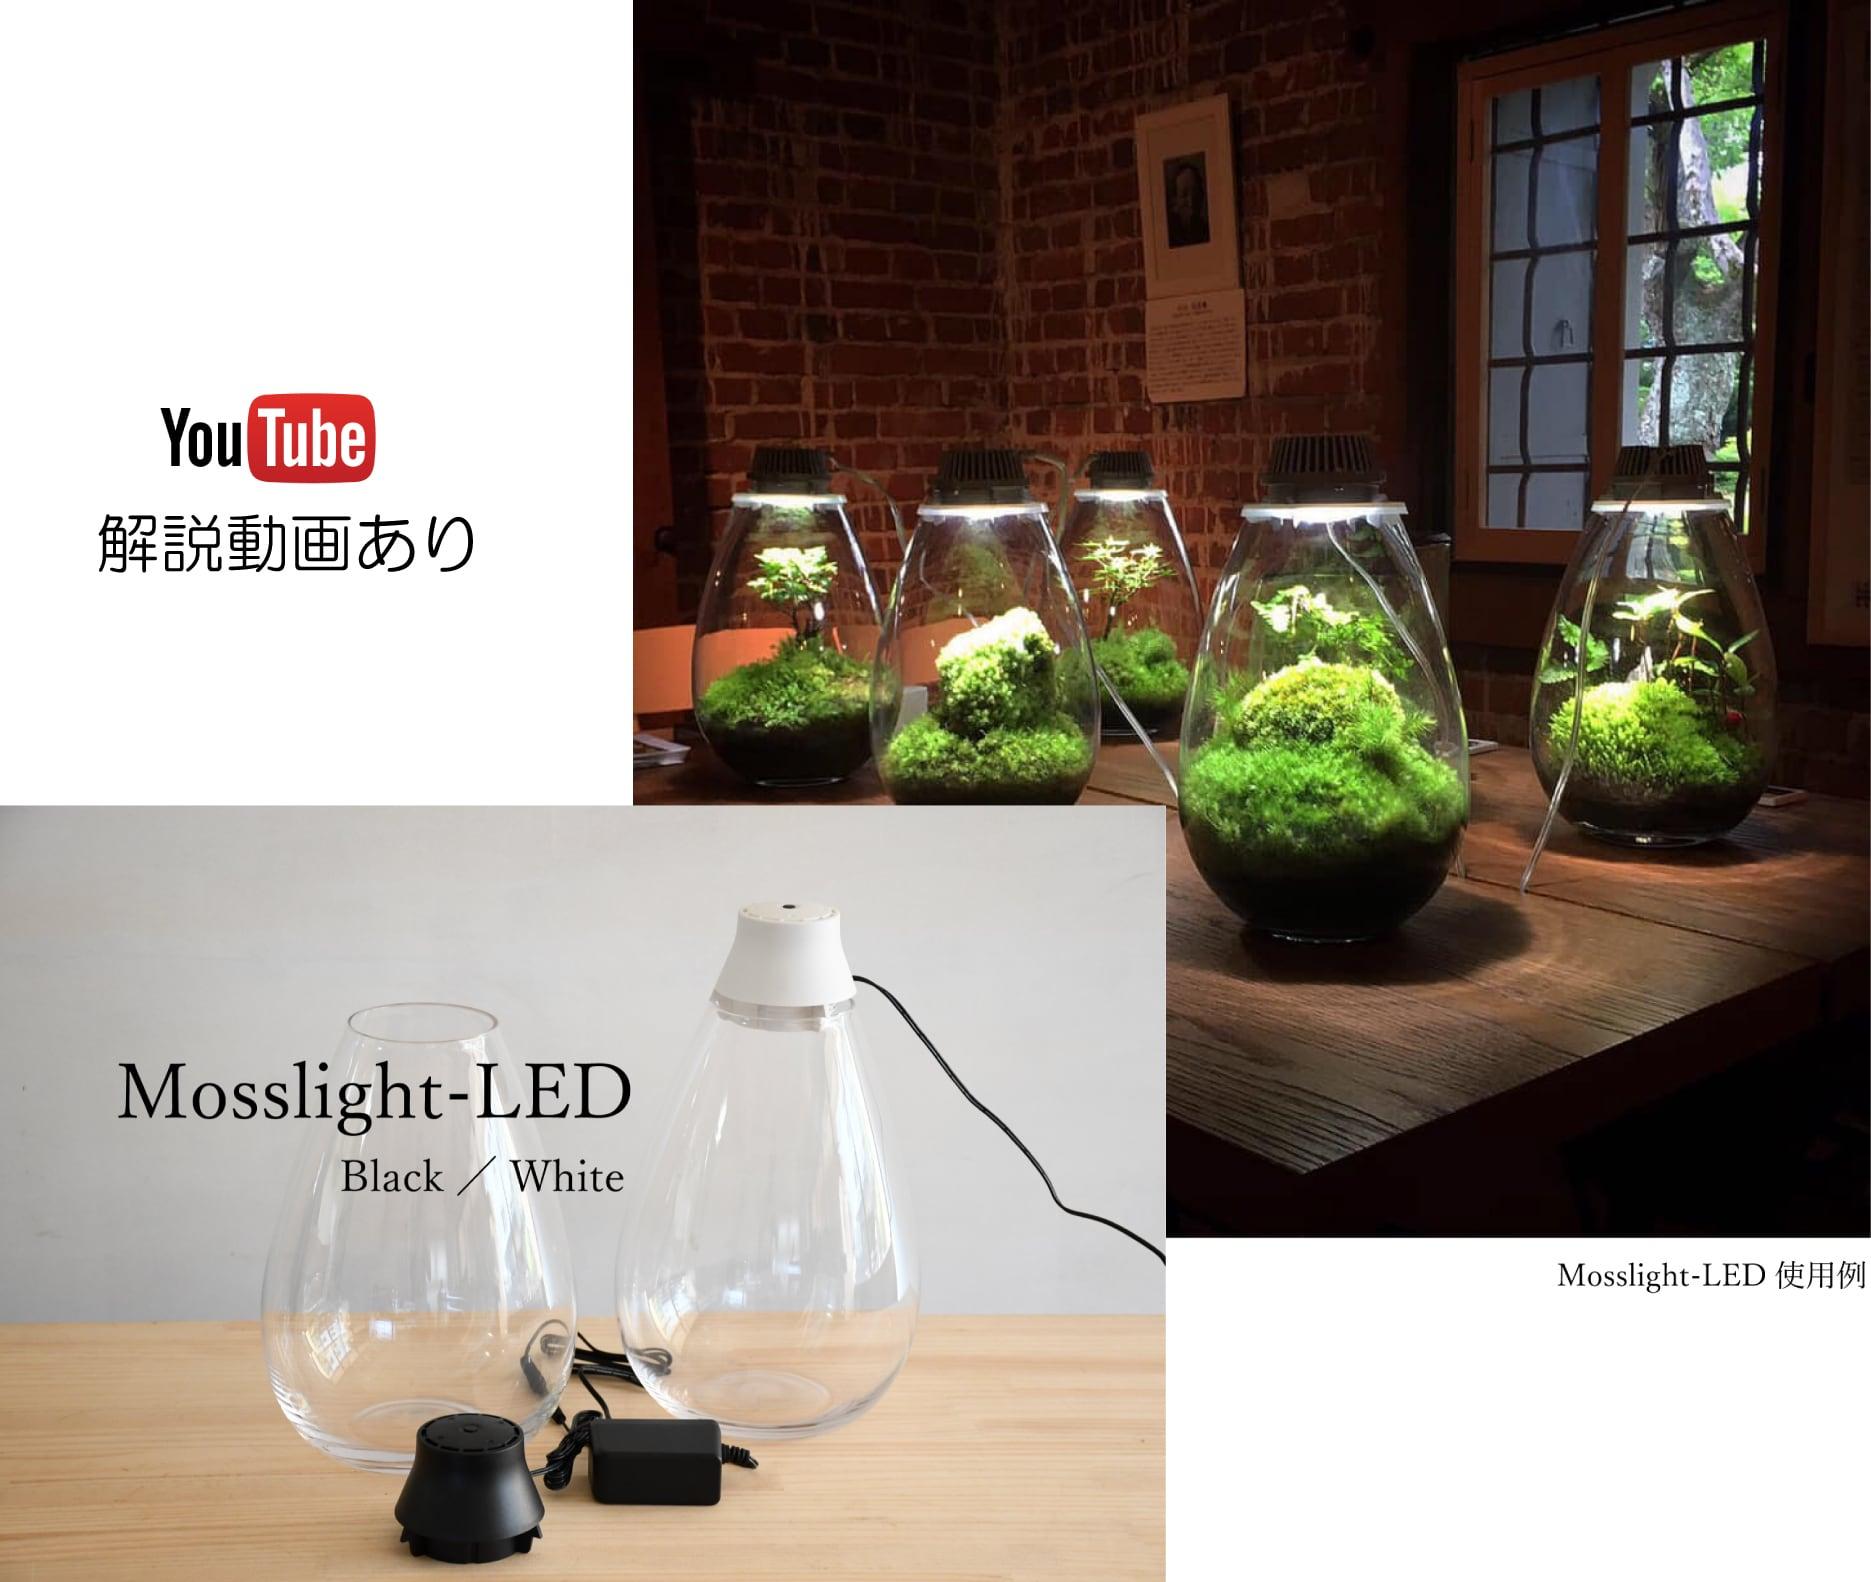 【LED照明つきテラリウム容器】  Mosslight-LED モスライト